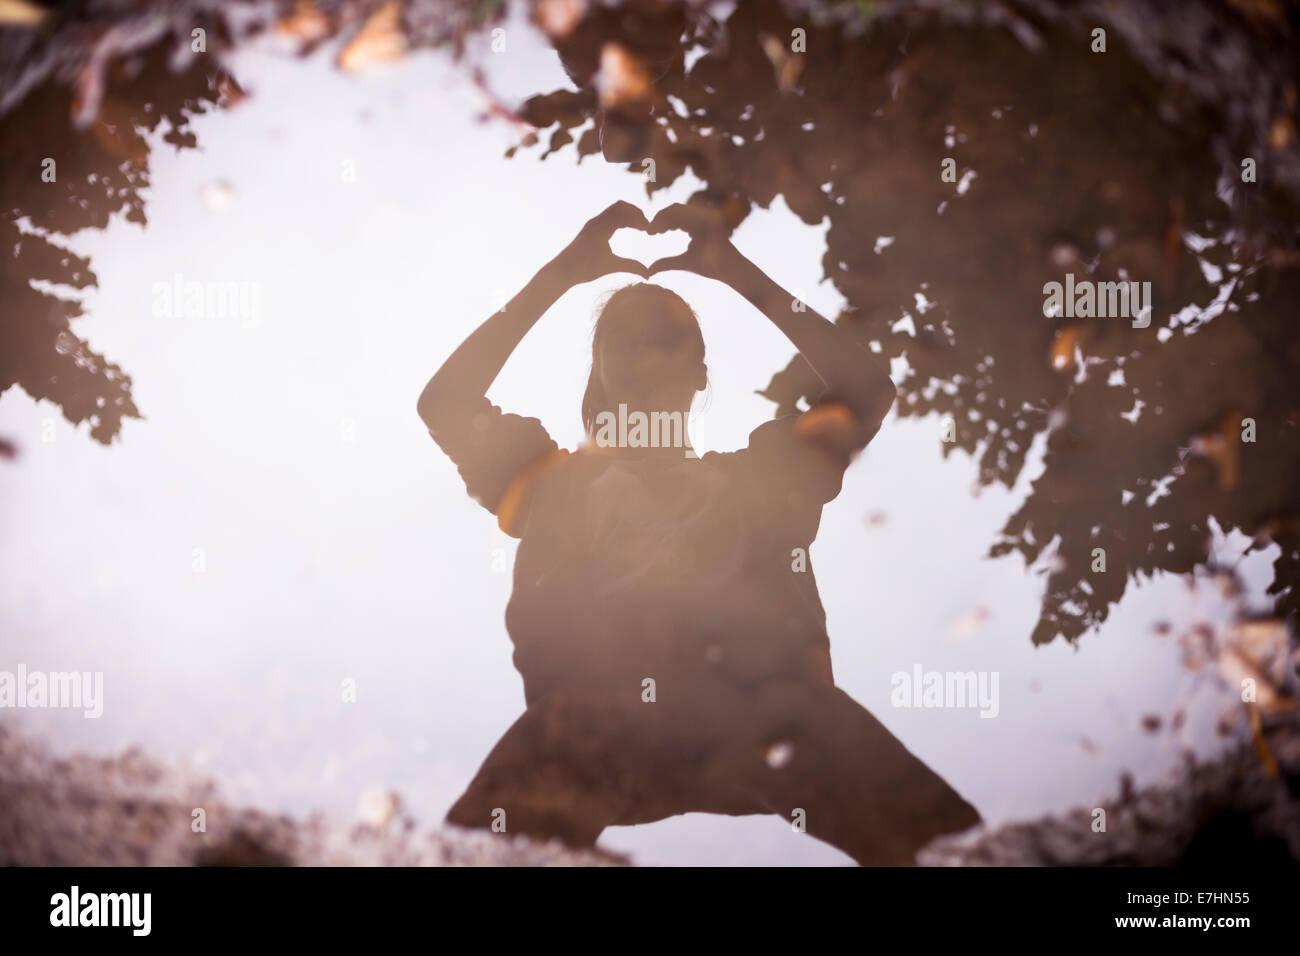 Reflexion in einer Pfütze einer Person, die ein Herz mit seinen Händen formt. Stockbild